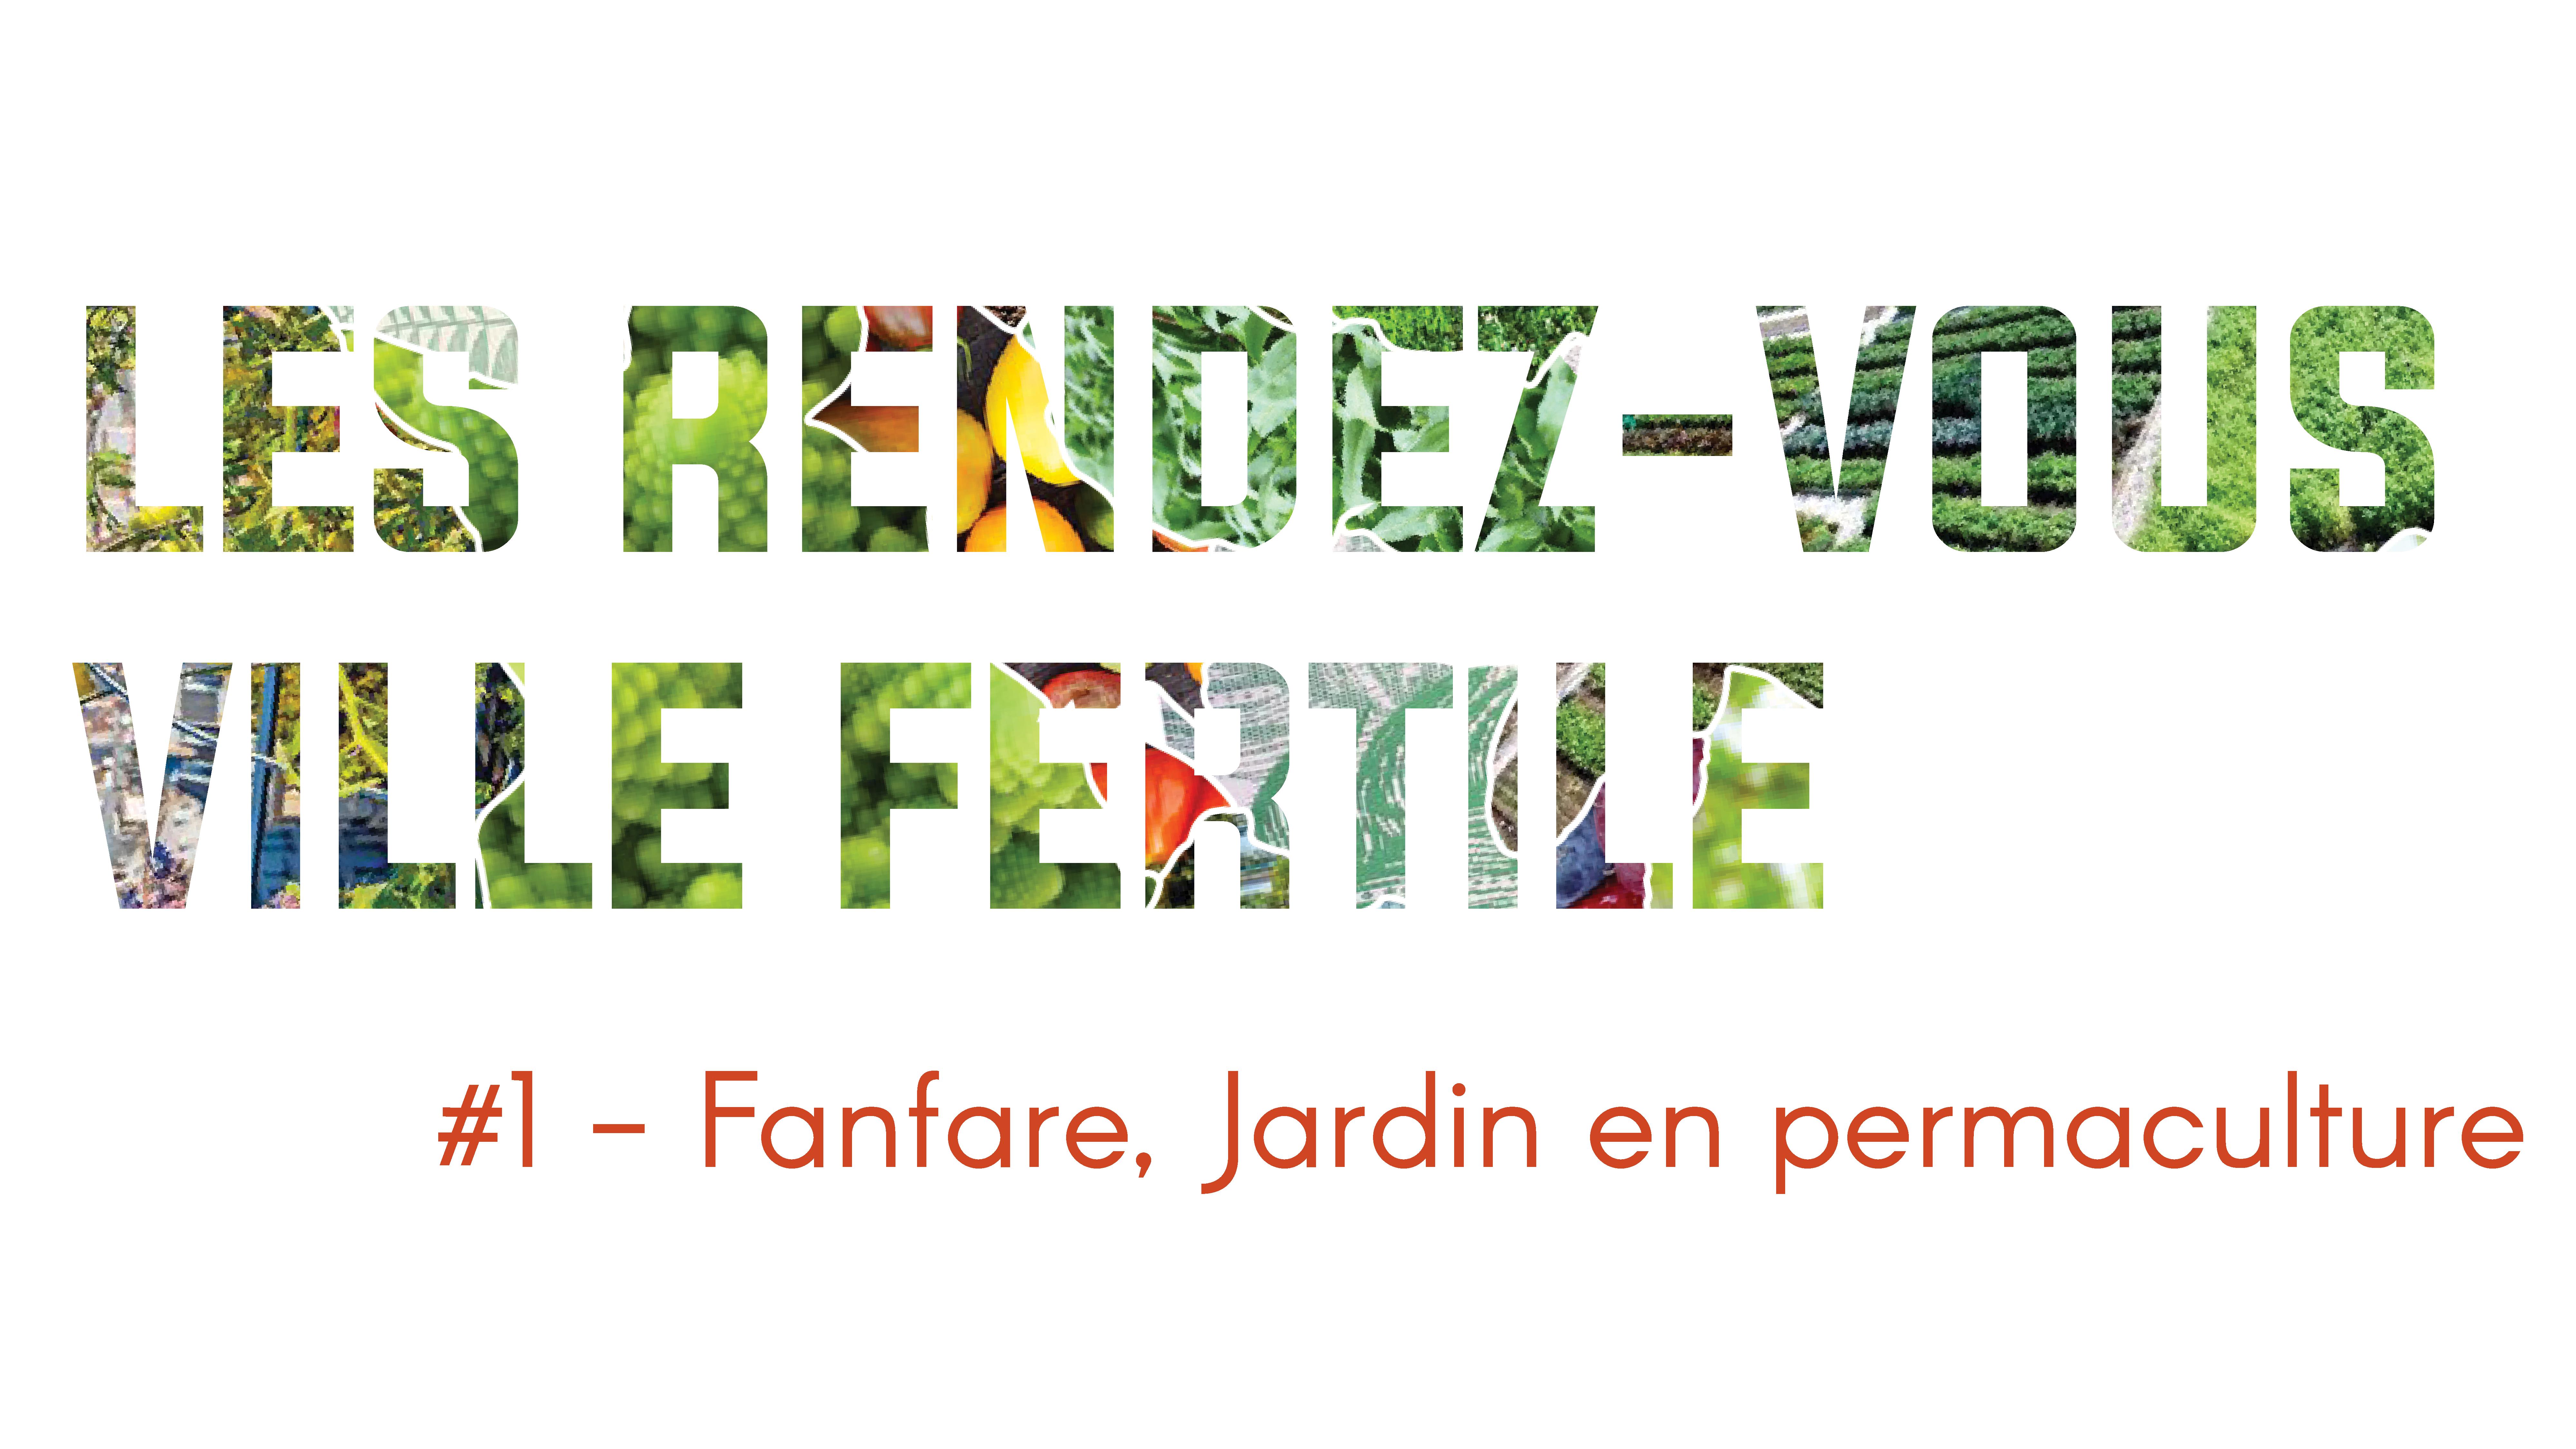 Les rendez-vous Ville fertile #1 – Visite de Fanfare, jardin en permaculture